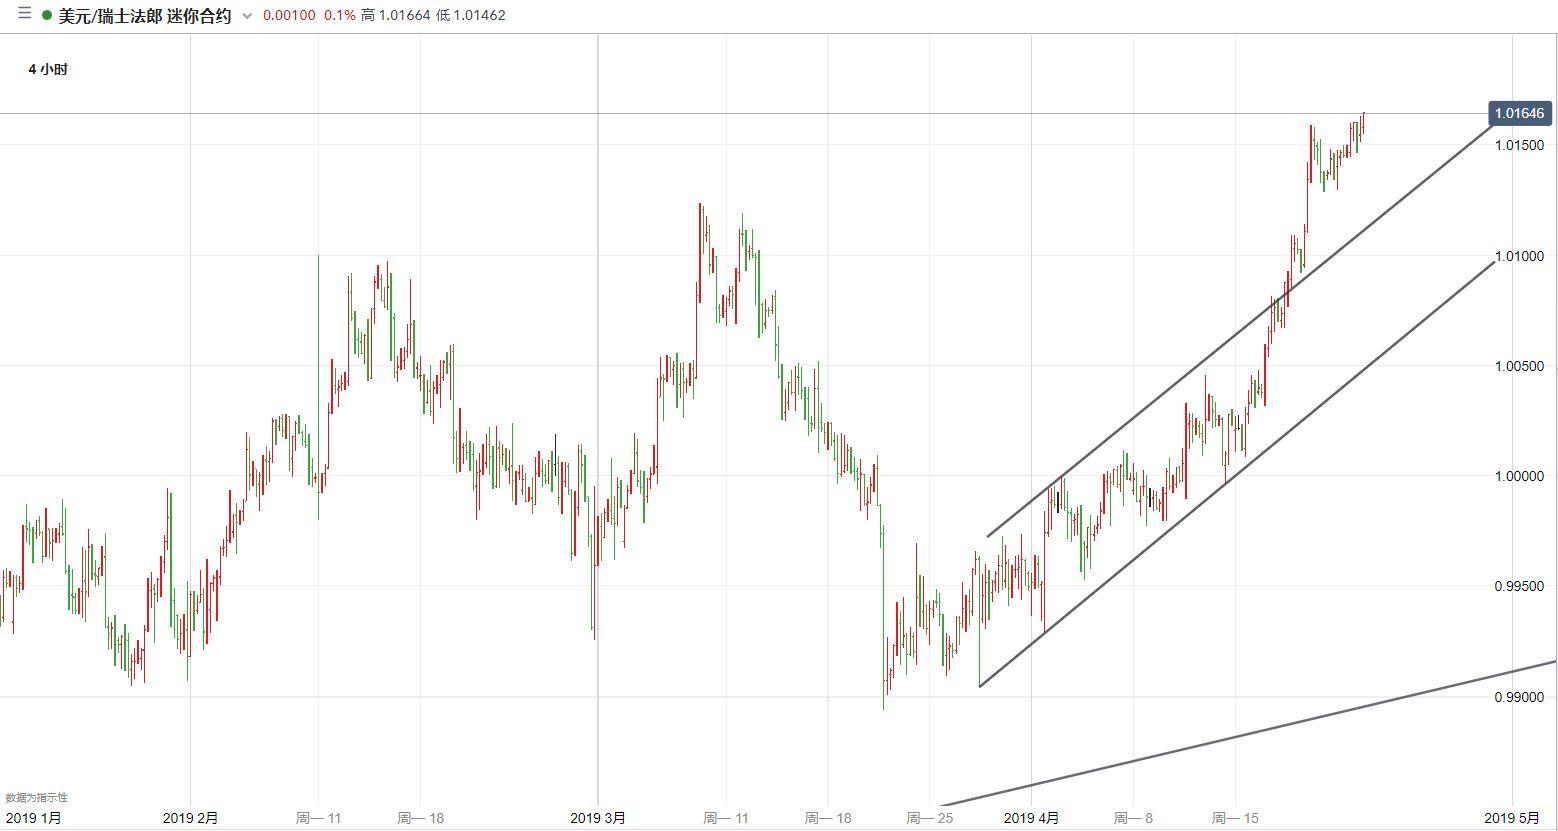 美元/瑞郎技术分析:目标指向1.02整数关口或更高